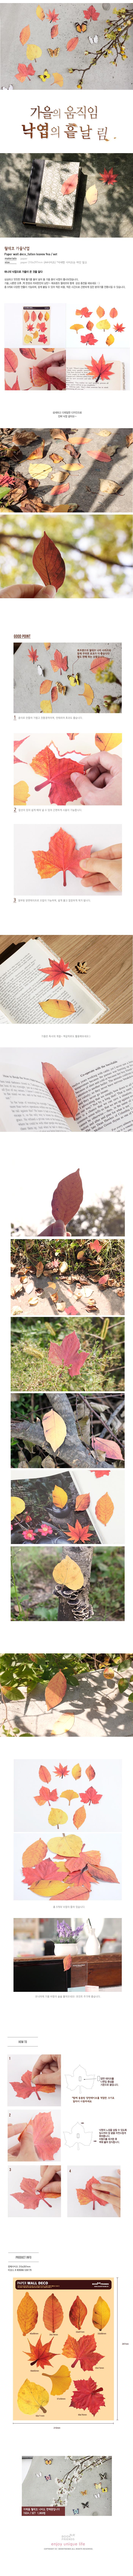 월데코 가을낙엽 - 북프렌즈, 1,800원, 월데코스티커, 나무/나뭇가지